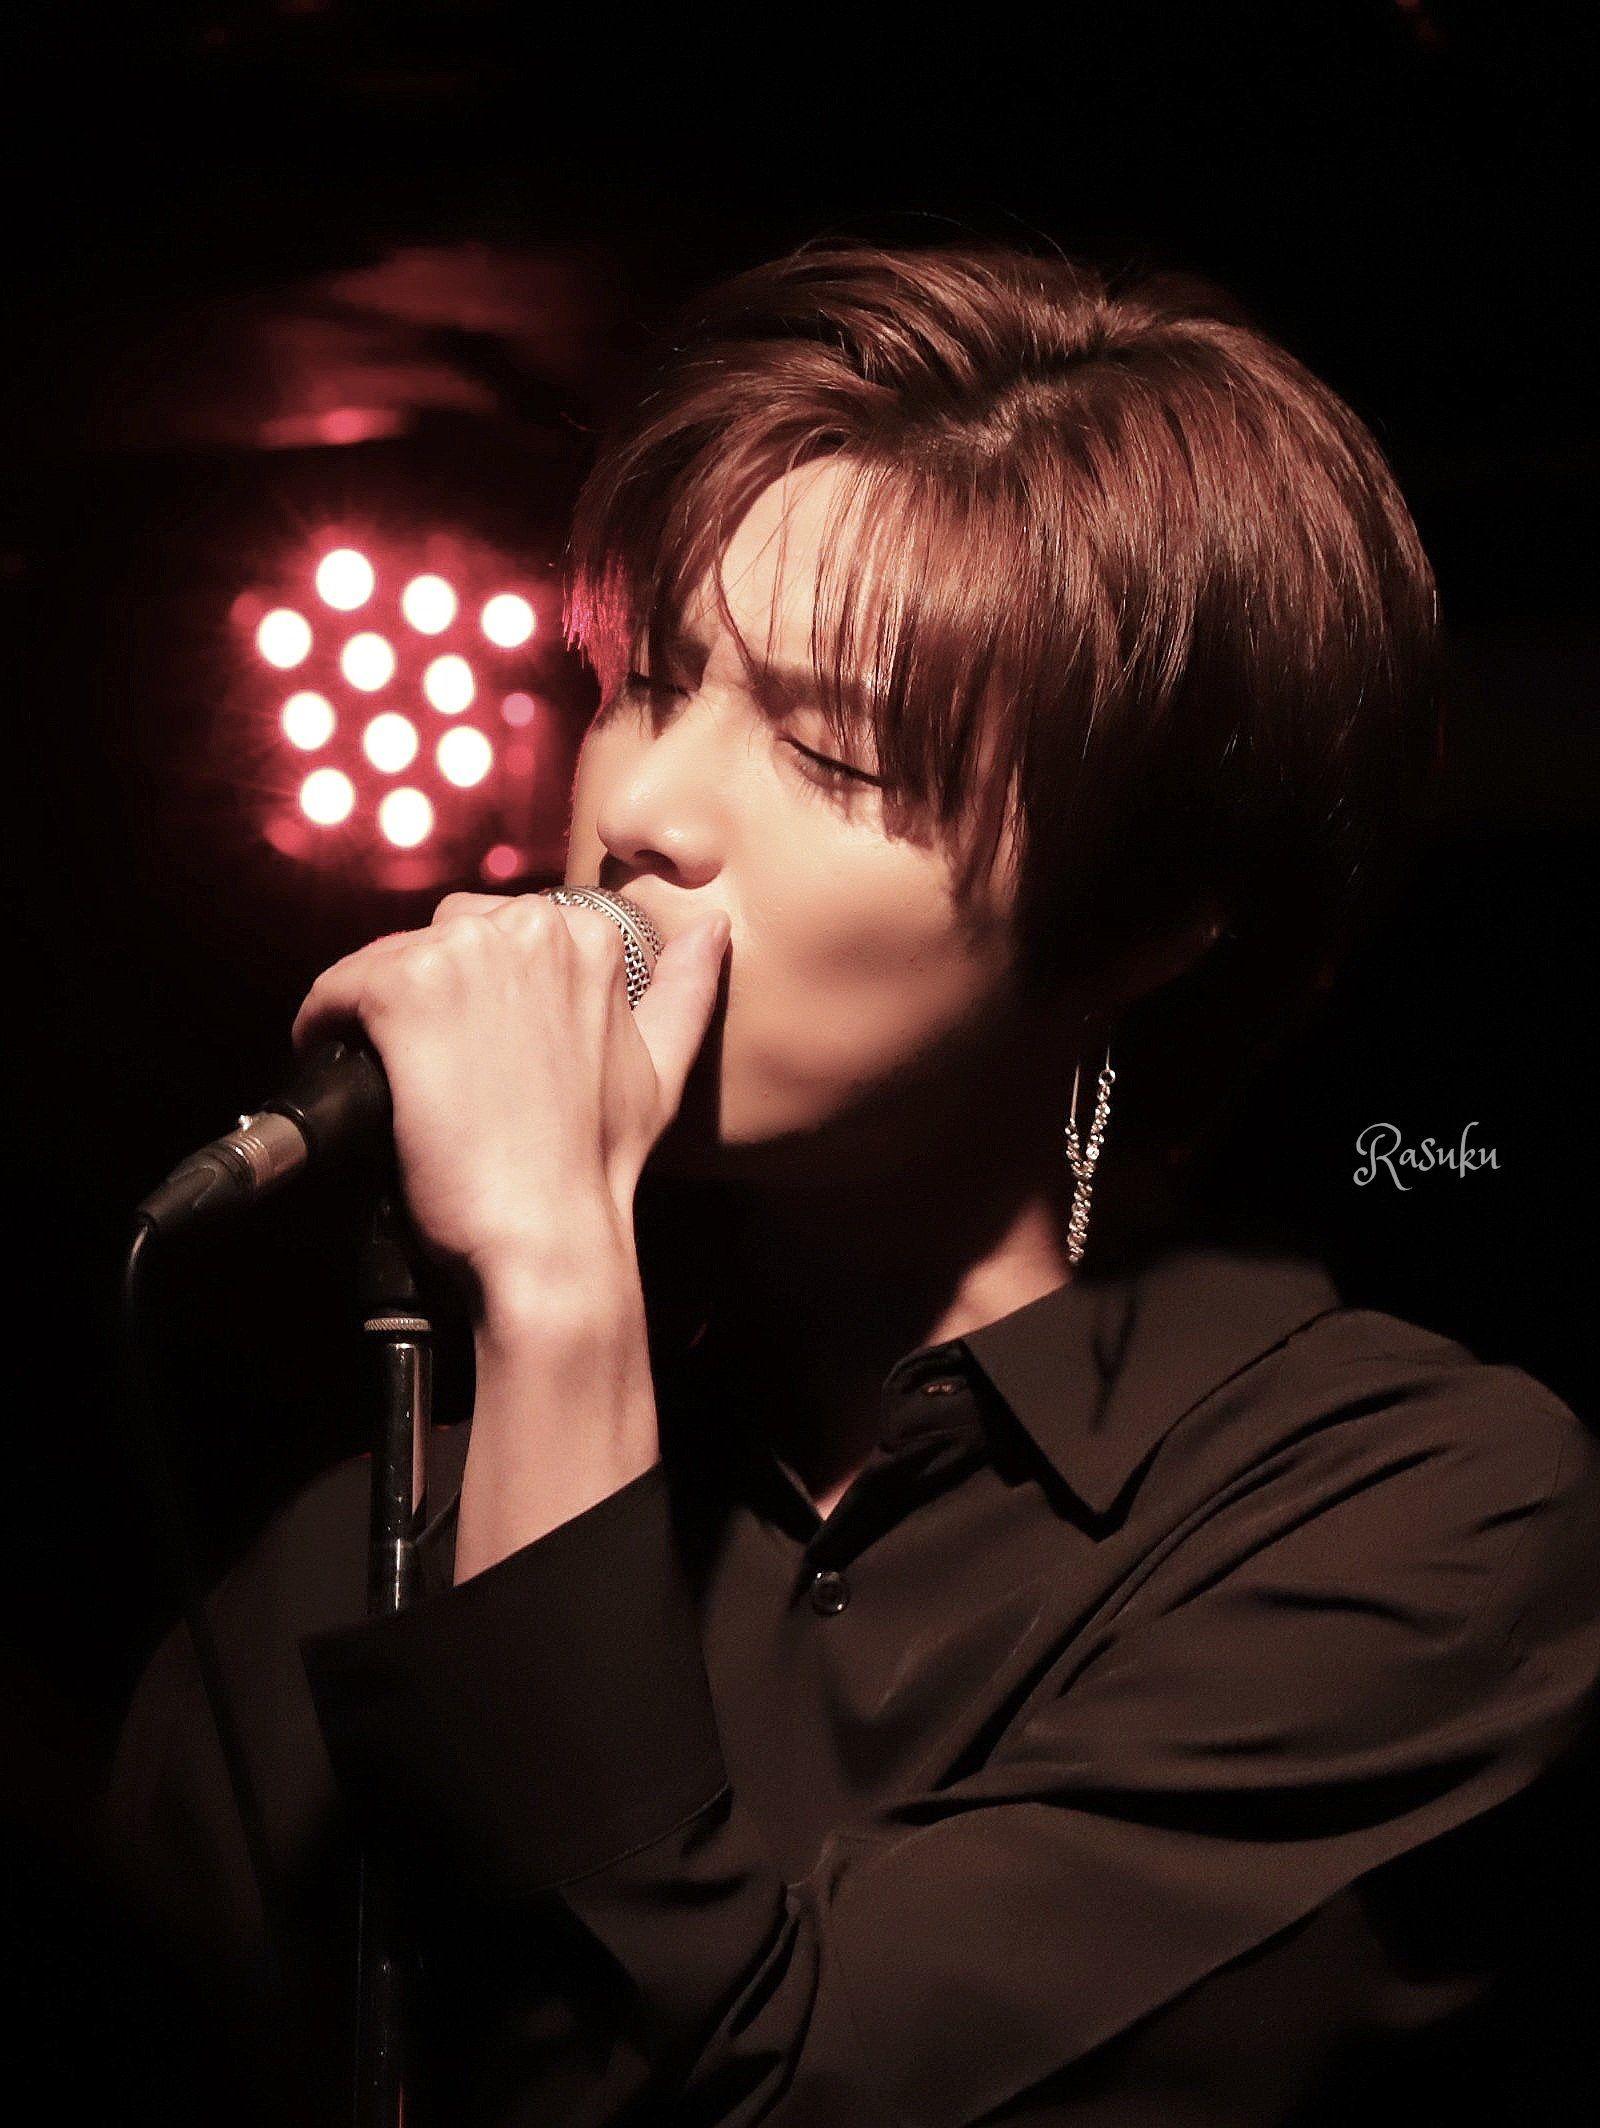 Rasuku5 On Twitter Korean Bands Kpop Idol Actors